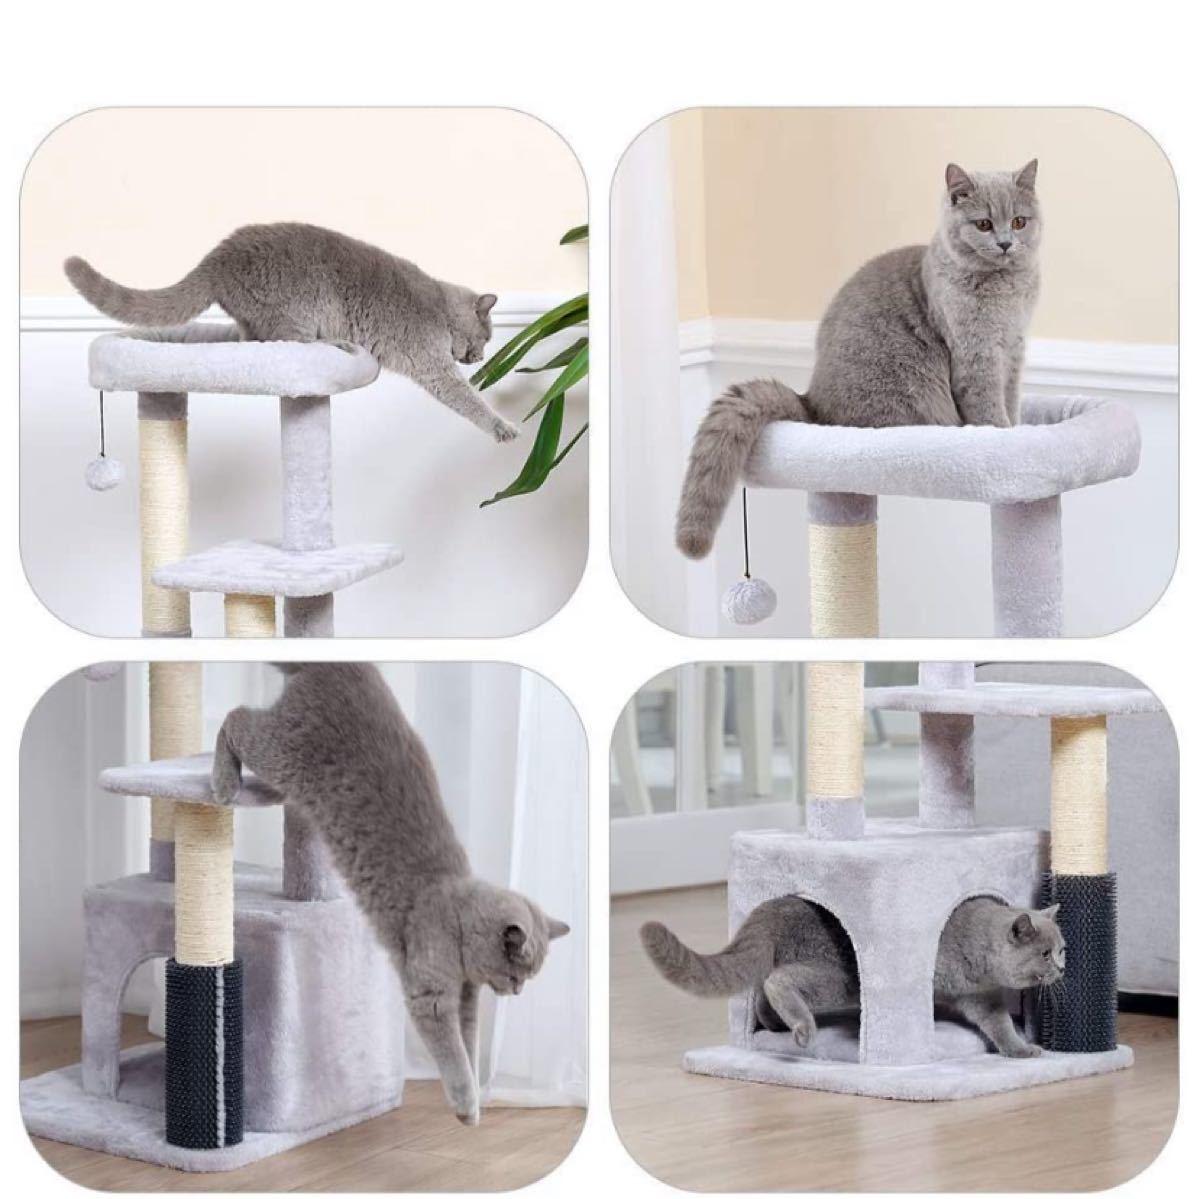 キャットタワー 爪とぎ ミニ猫タワー 小型猫タワー 猫ハウス 据え置き